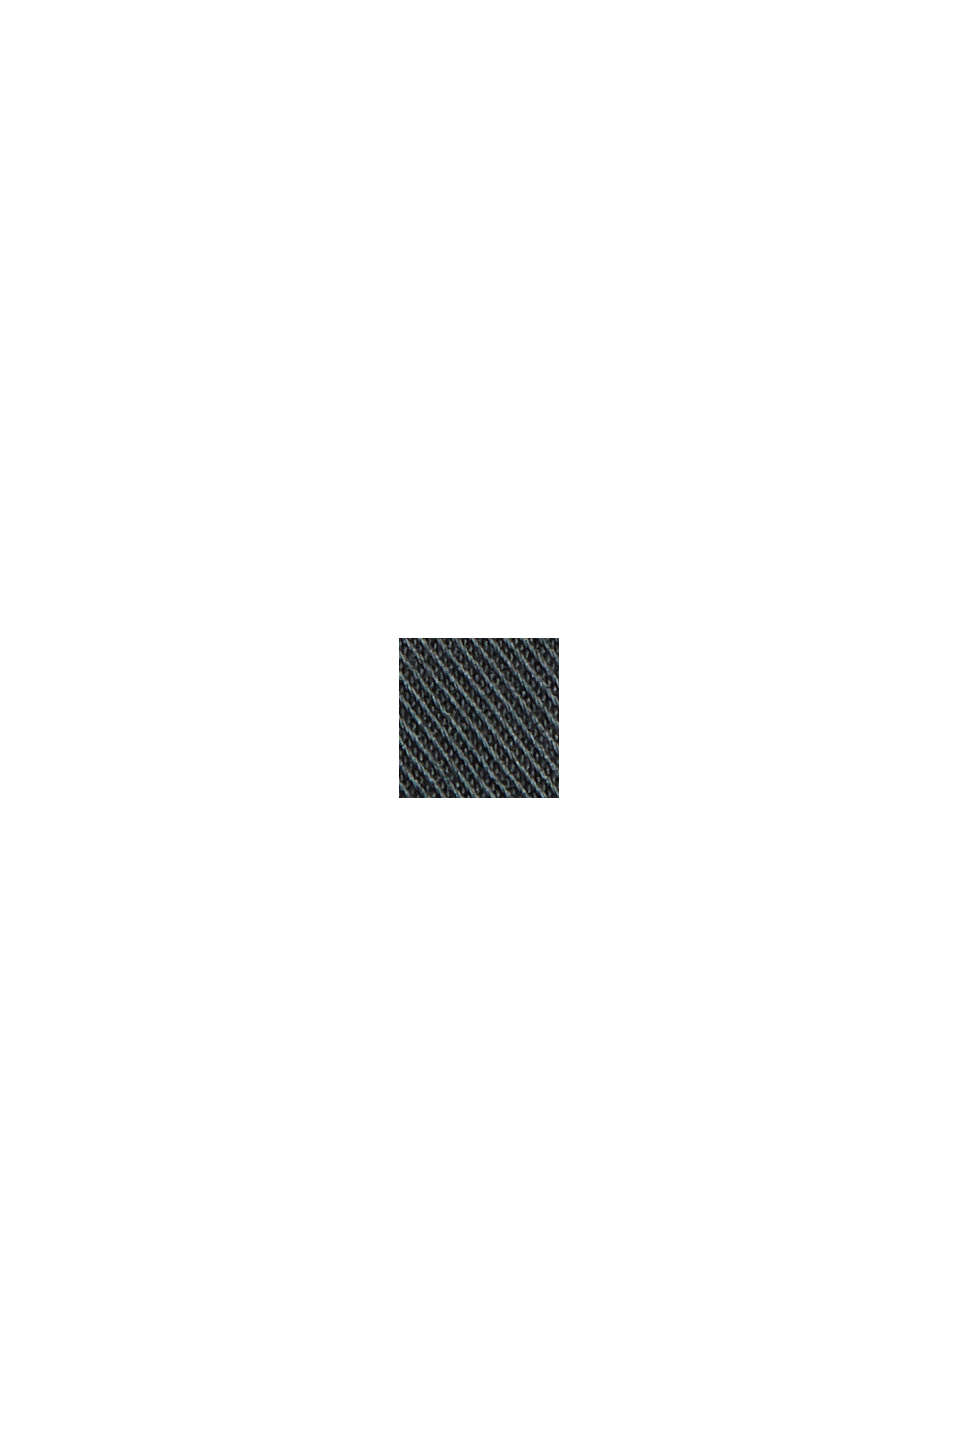 Chino-Shorts aus Bio-Baumwolle/Lycra®T400®, DARK TEAL GREEN, swatch